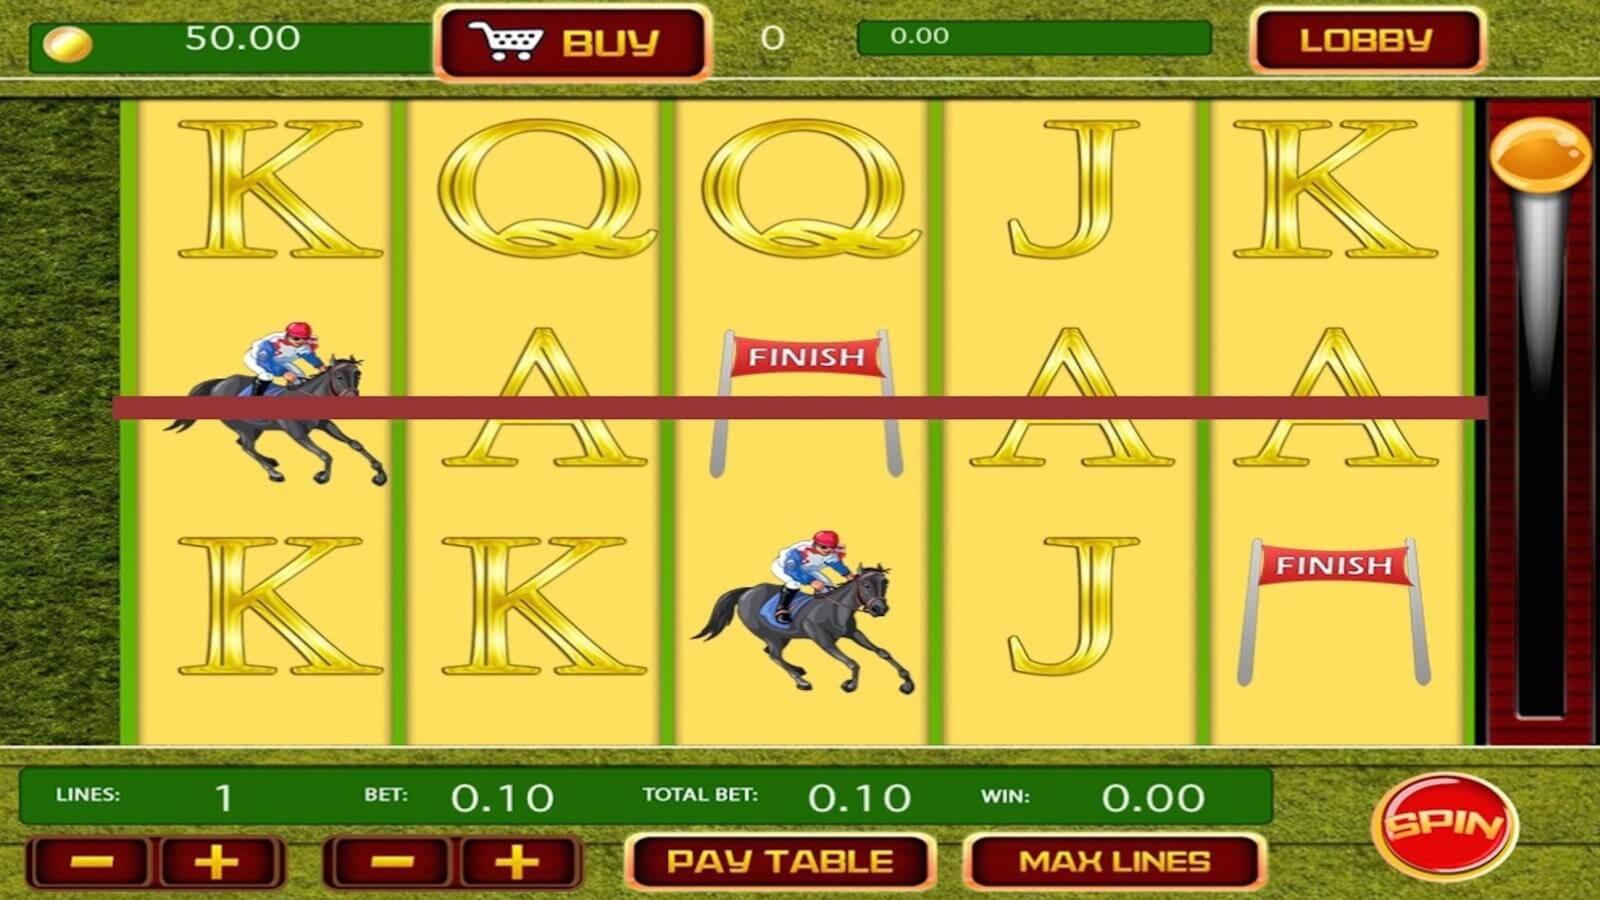 435% Խաղադրույքը մի խաղատուն է Box 24 Casino- ում